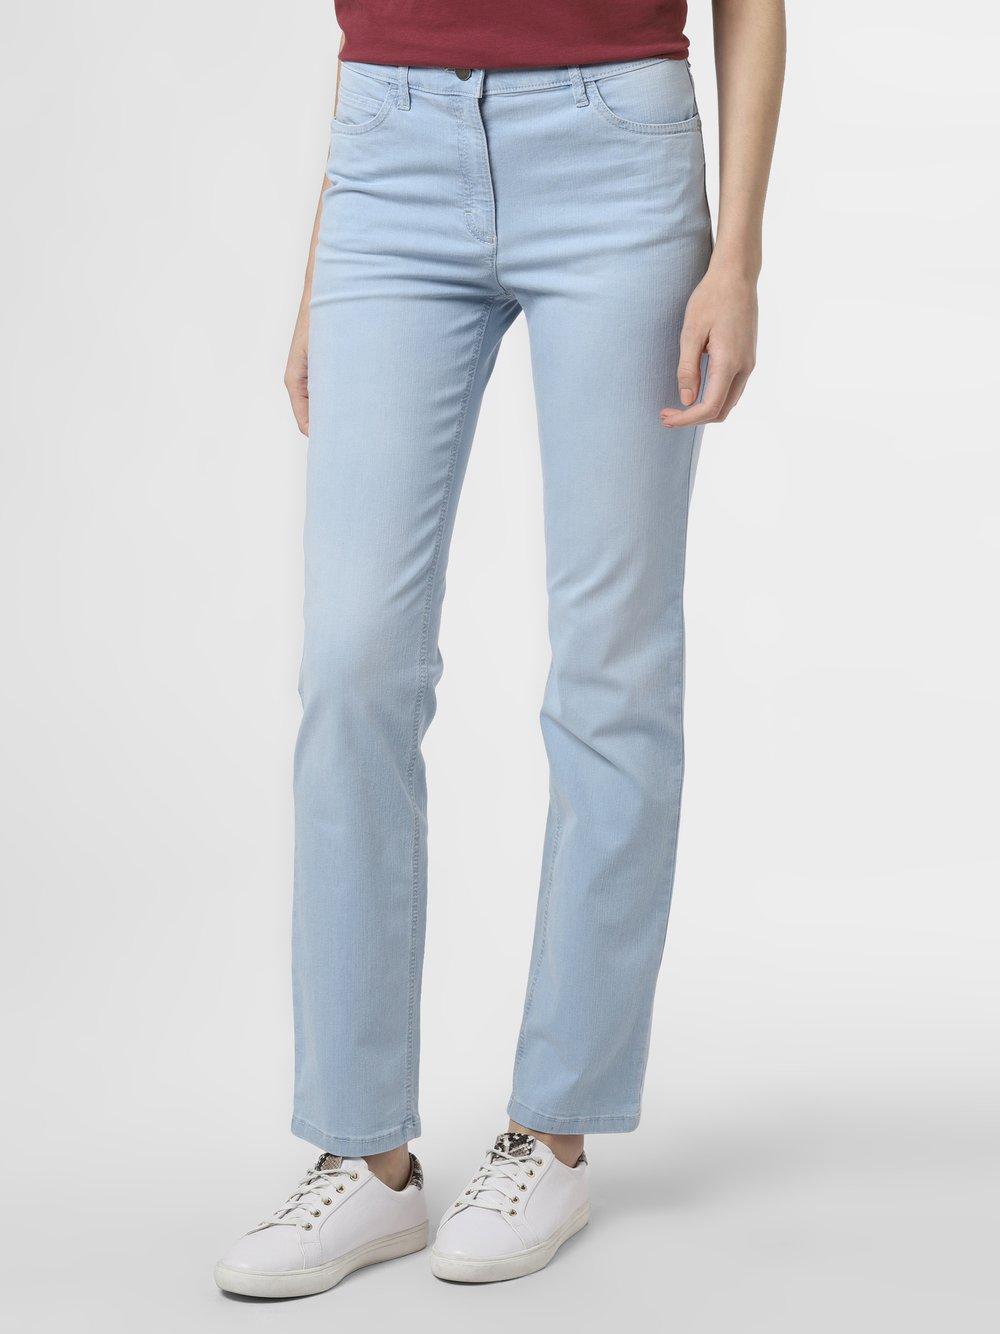 Zerres - Spodnie damskie, niebieski